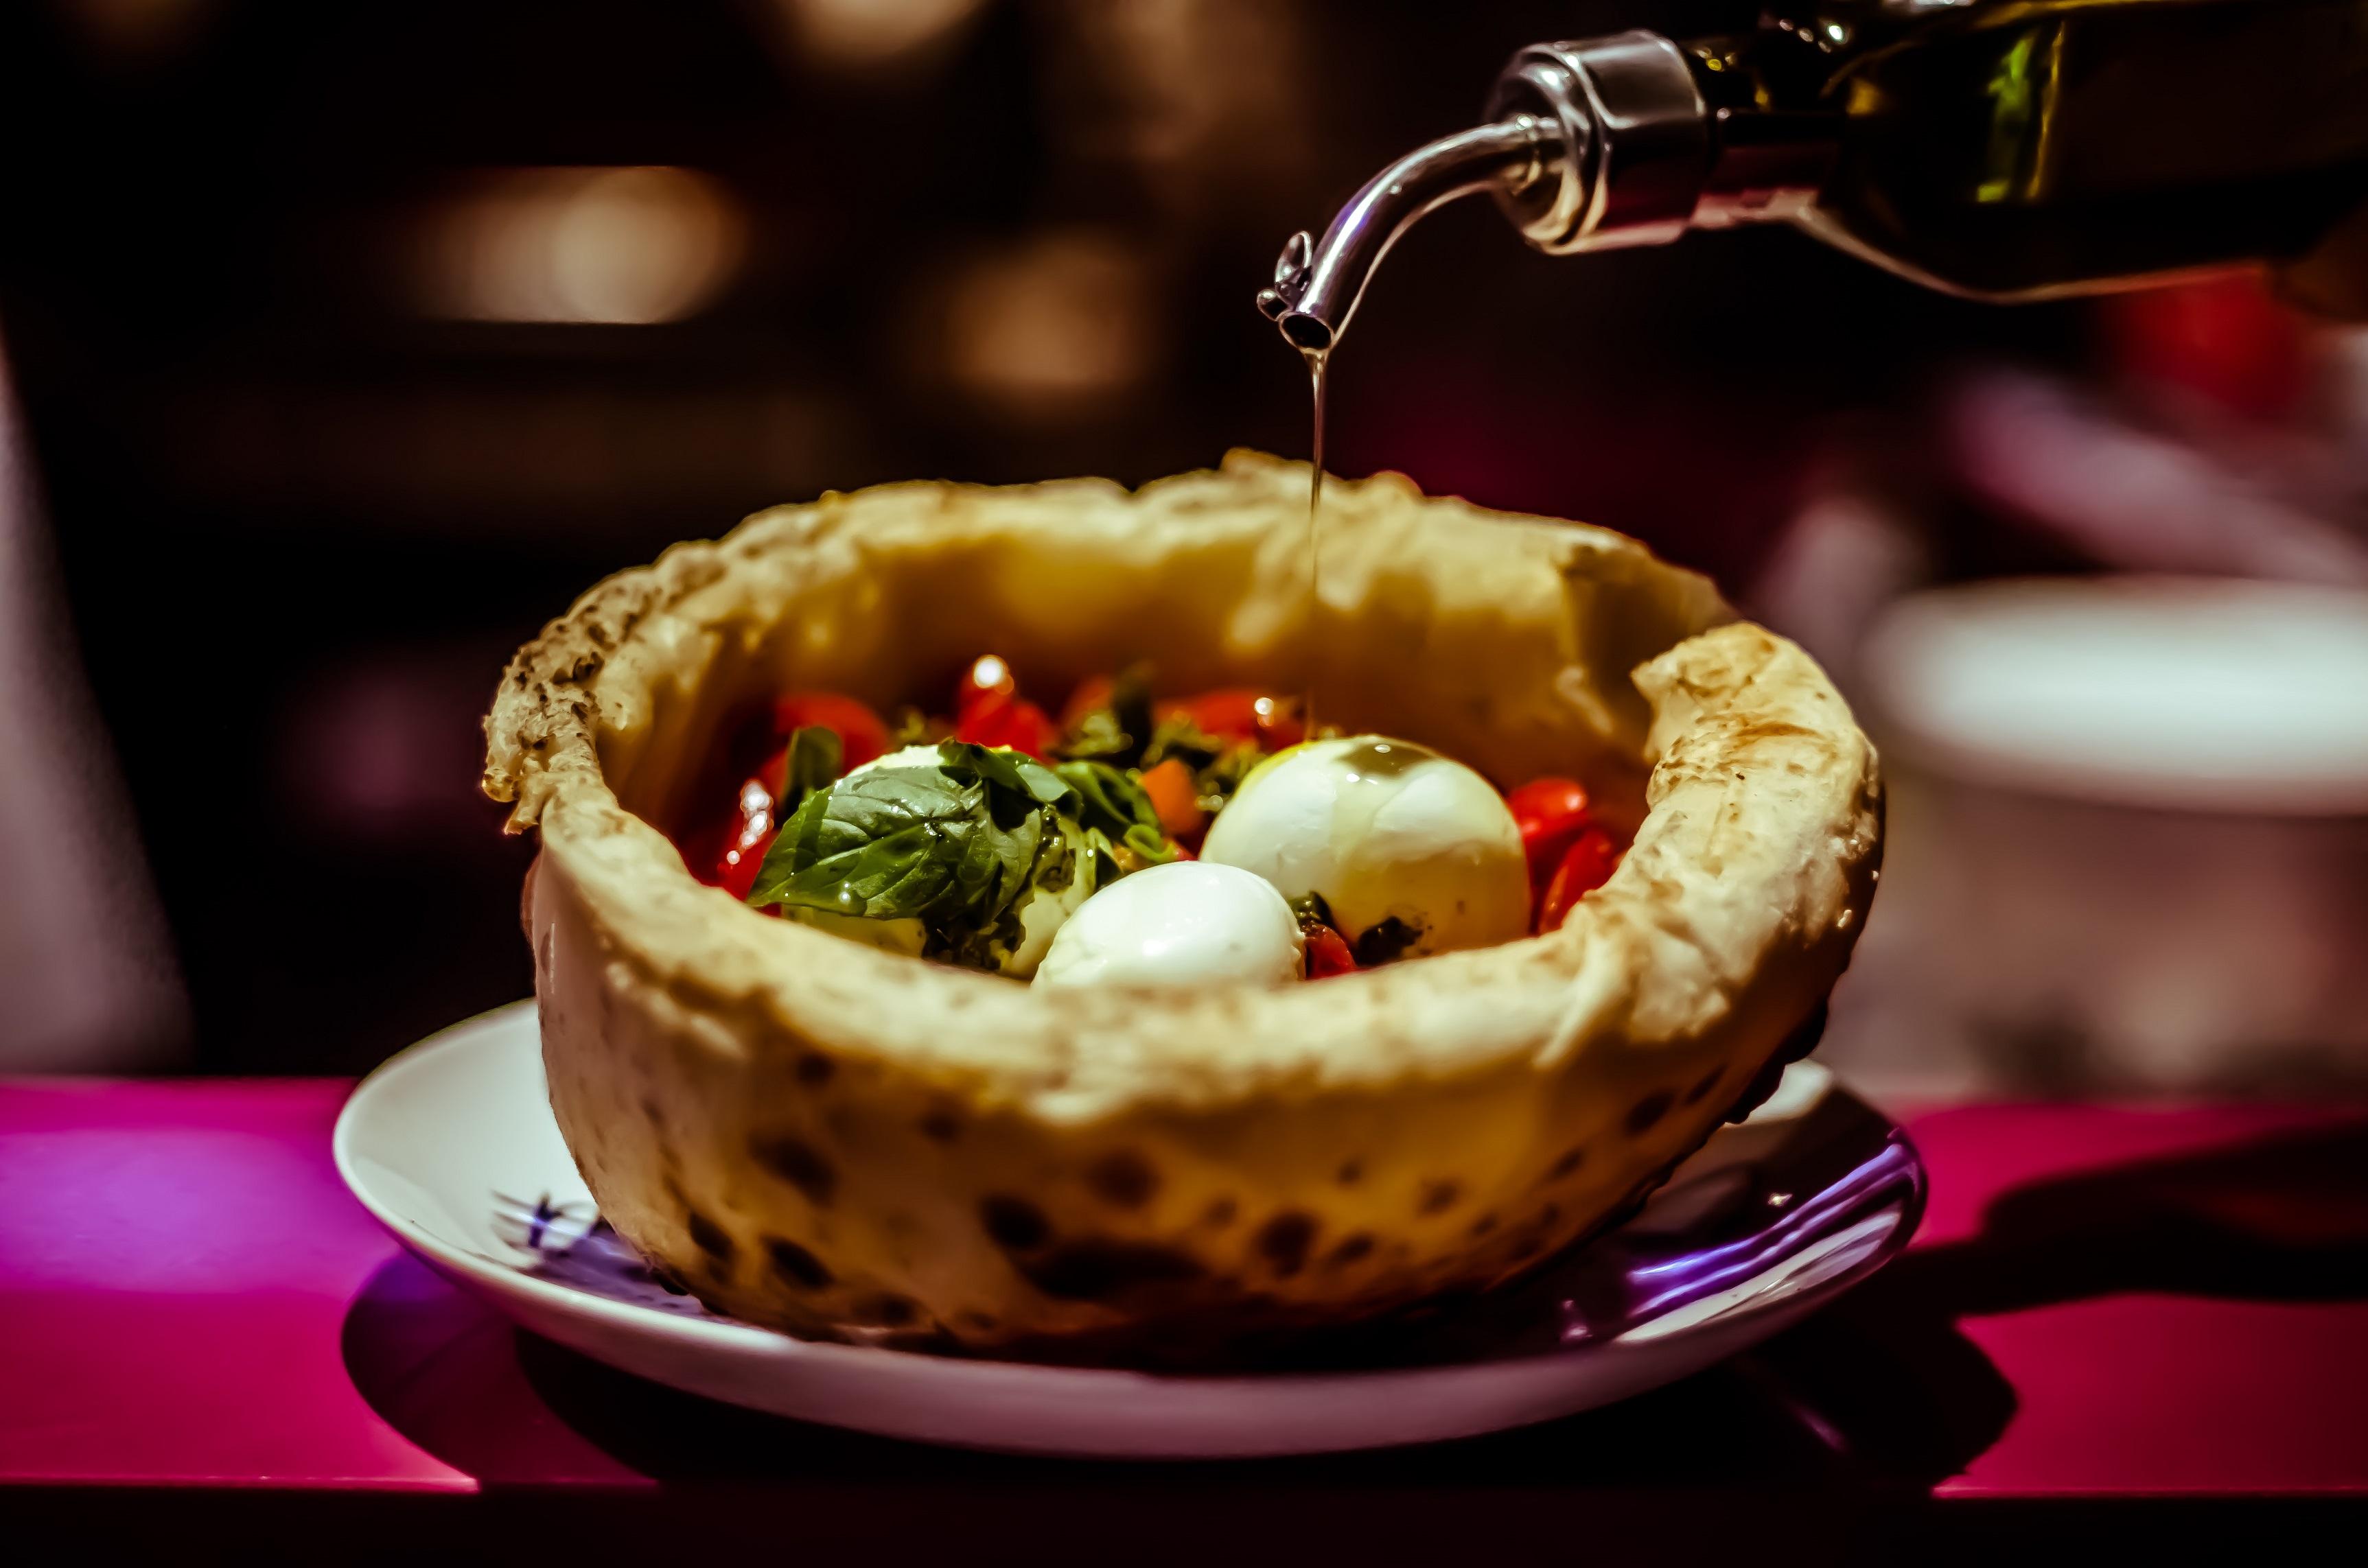 Prato do Amore Cucina, do FRESH Live Market. Foto: divulgação.